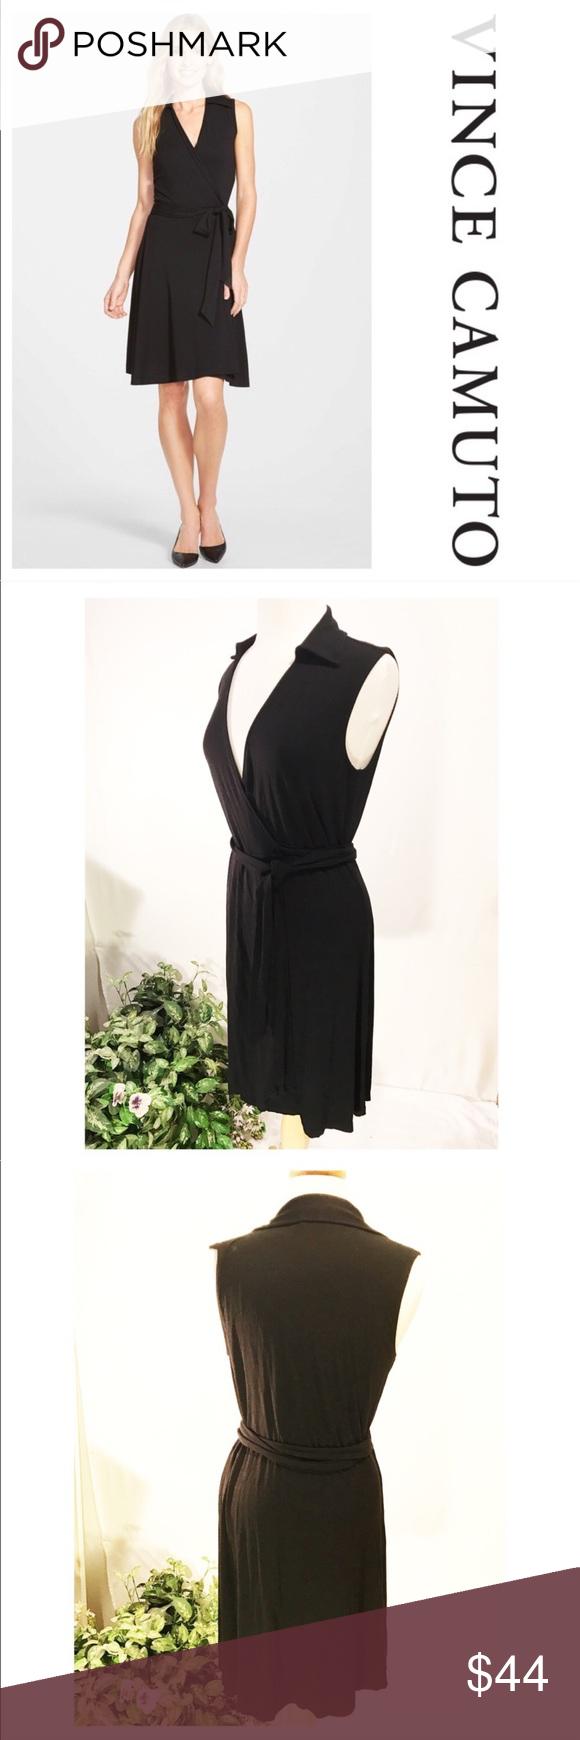 Vince Camuto Dress Vince Camuto Dress Dresses Sleeveless Wrap Dress [ 1740 x 580 Pixel ]